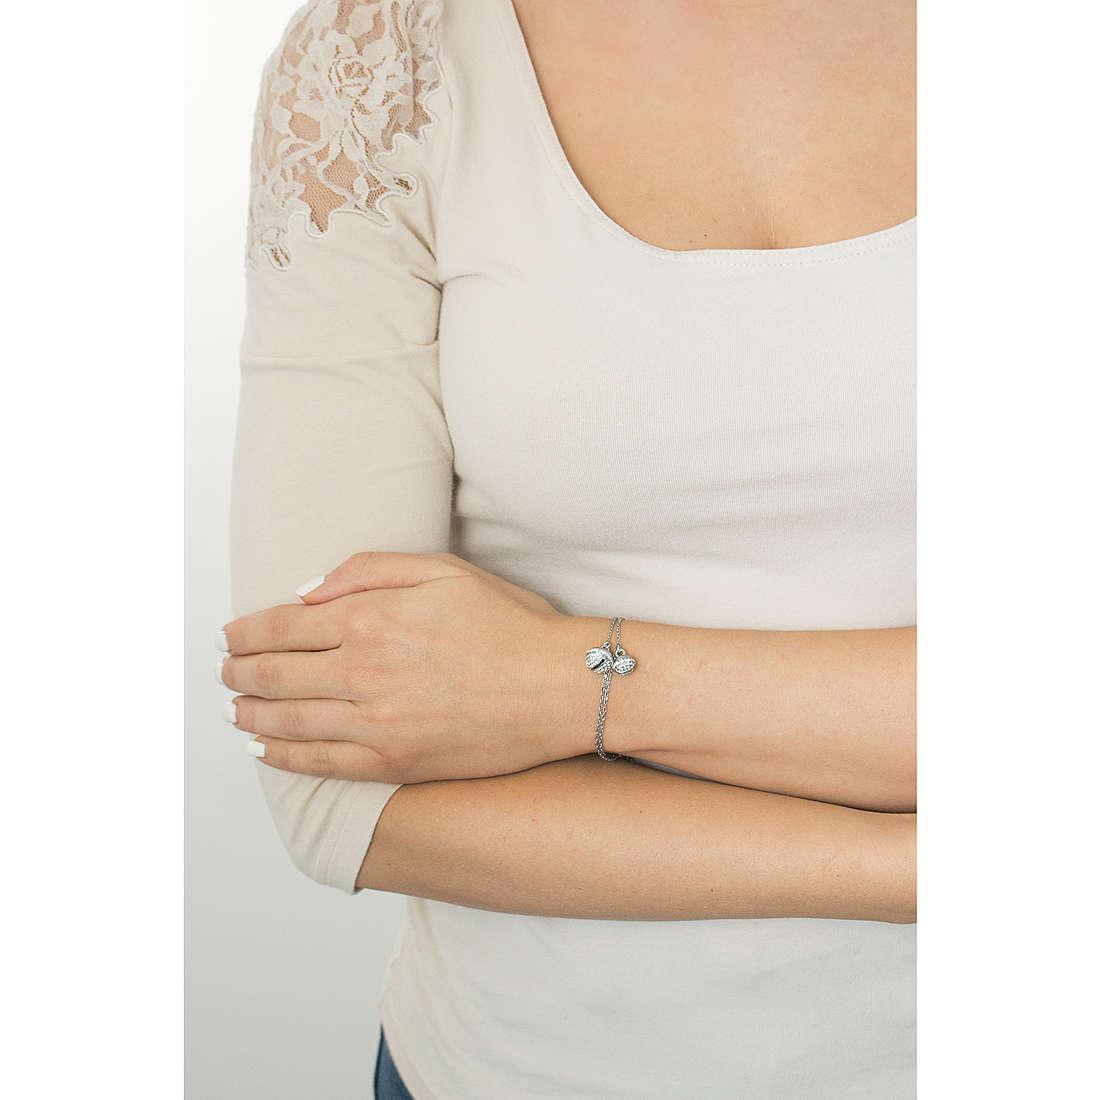 Luca Barra bracelets Giuly femme LBBK1087 photo wearing